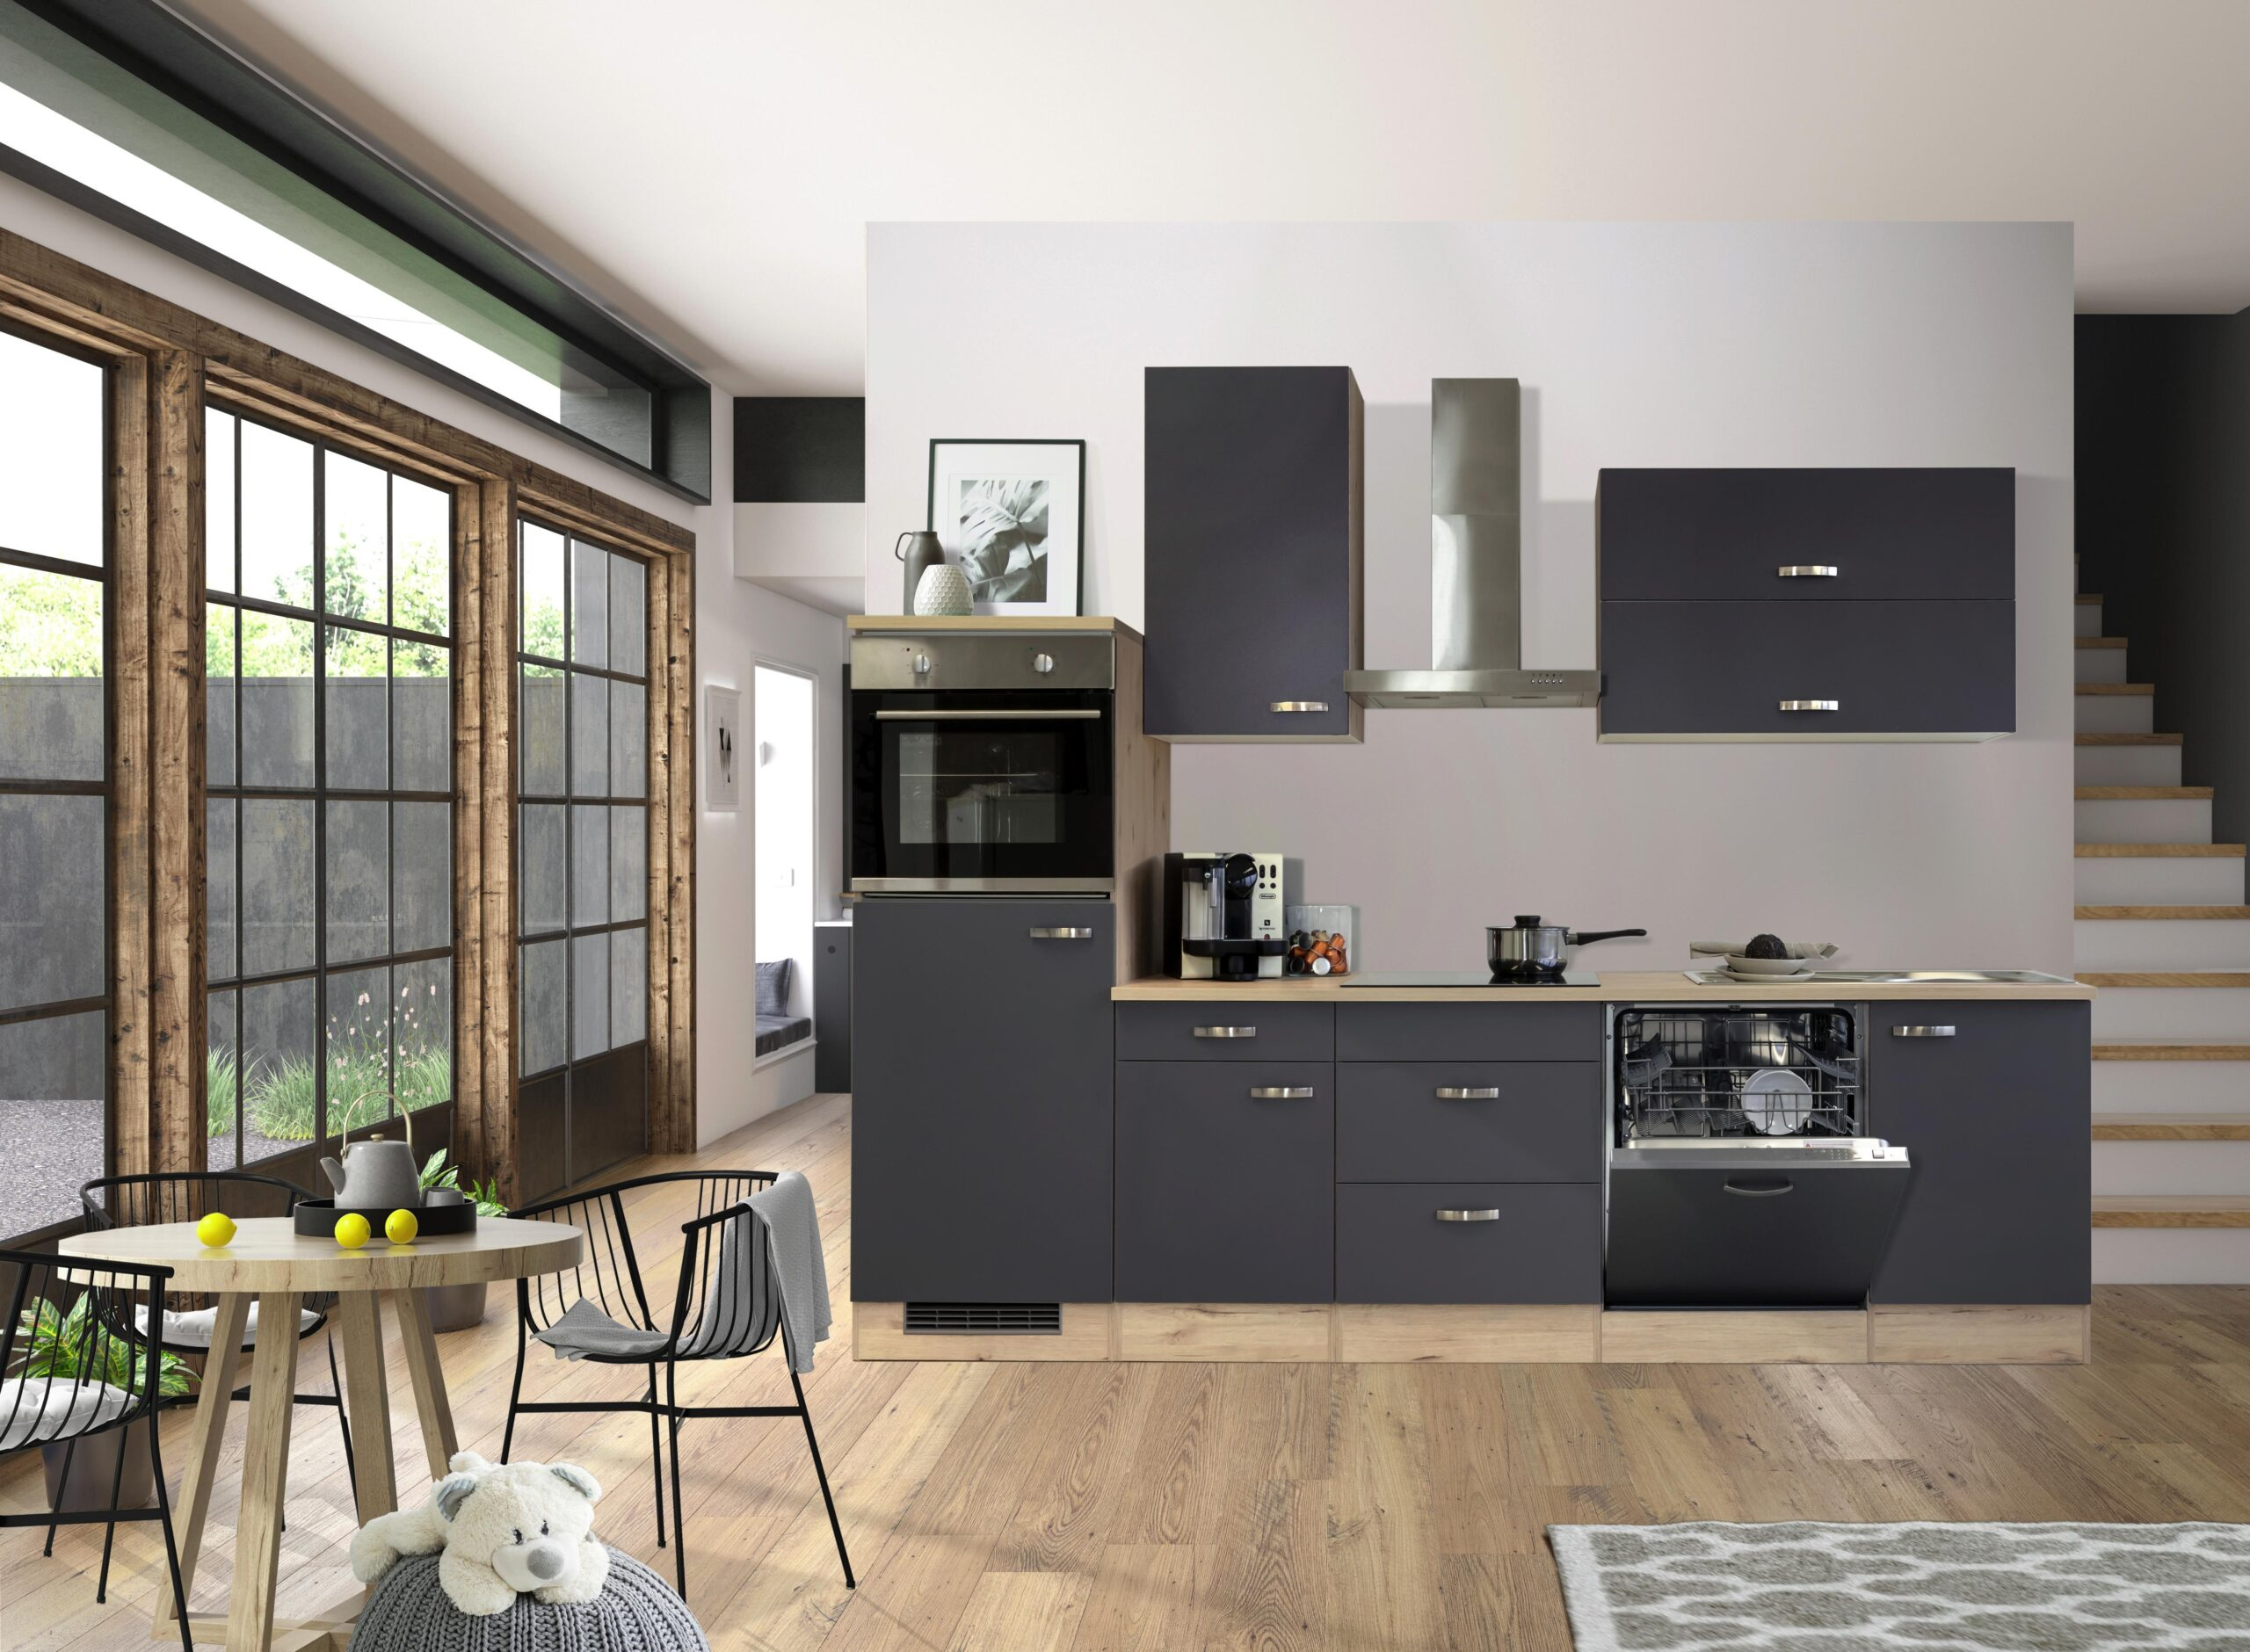 Full Size of Möbelix Küchen Unterschrank Mit Schubladen Fr Kche Kaufen Regal Wohnzimmer Möbelix Küchen